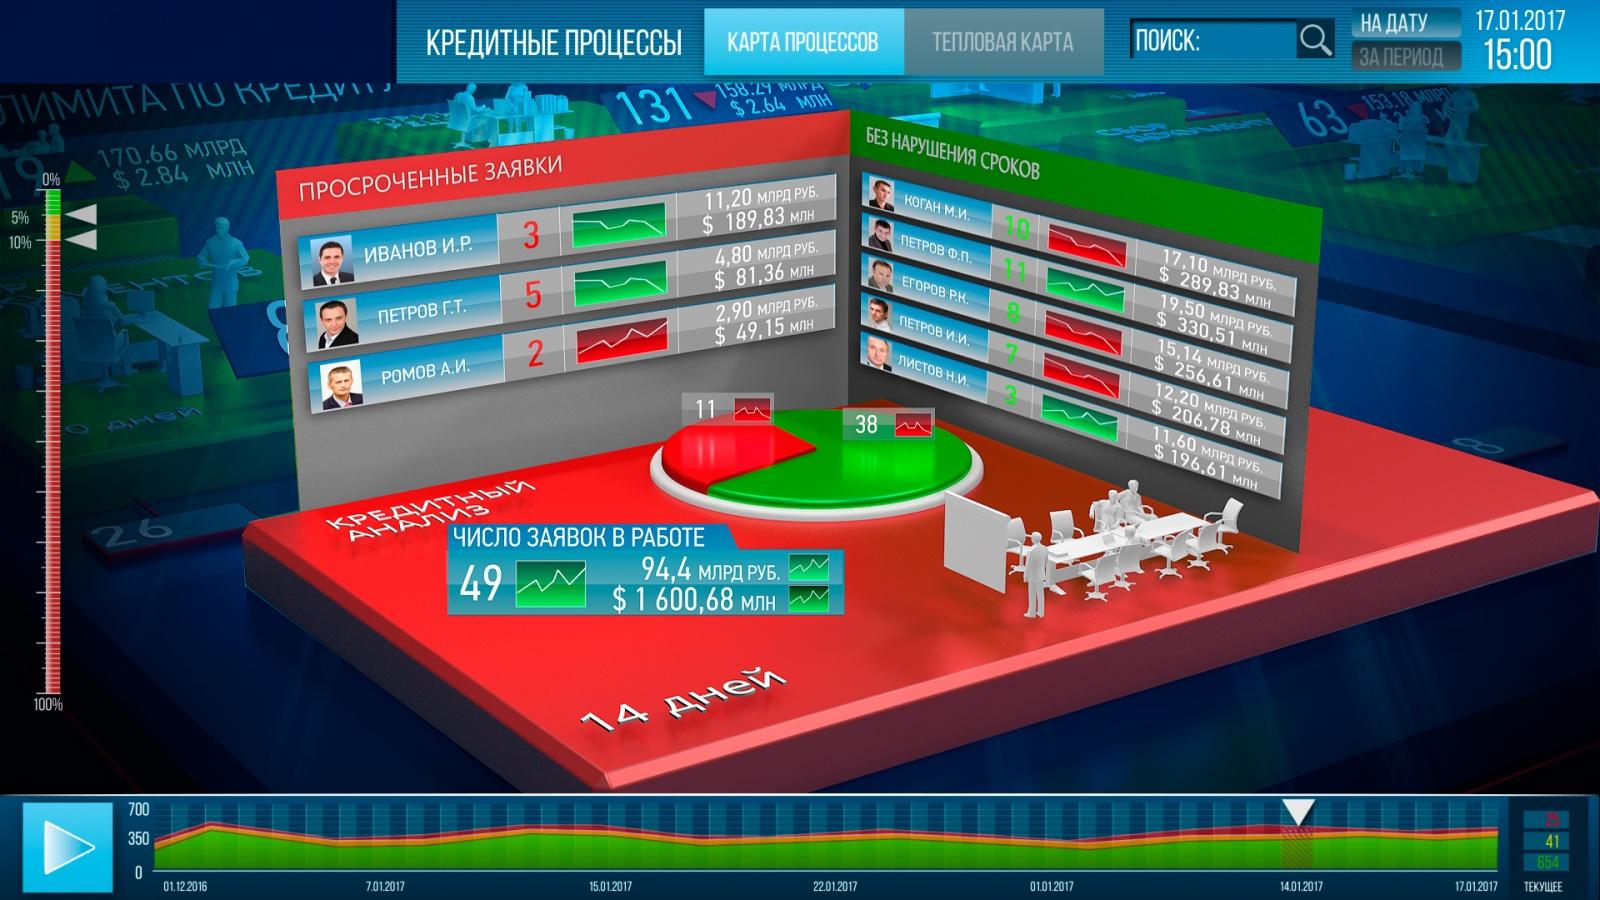 Построение процесса бизнес-анализа в проектах по разработке BI-приложений с продвинутой визуализацией - 2